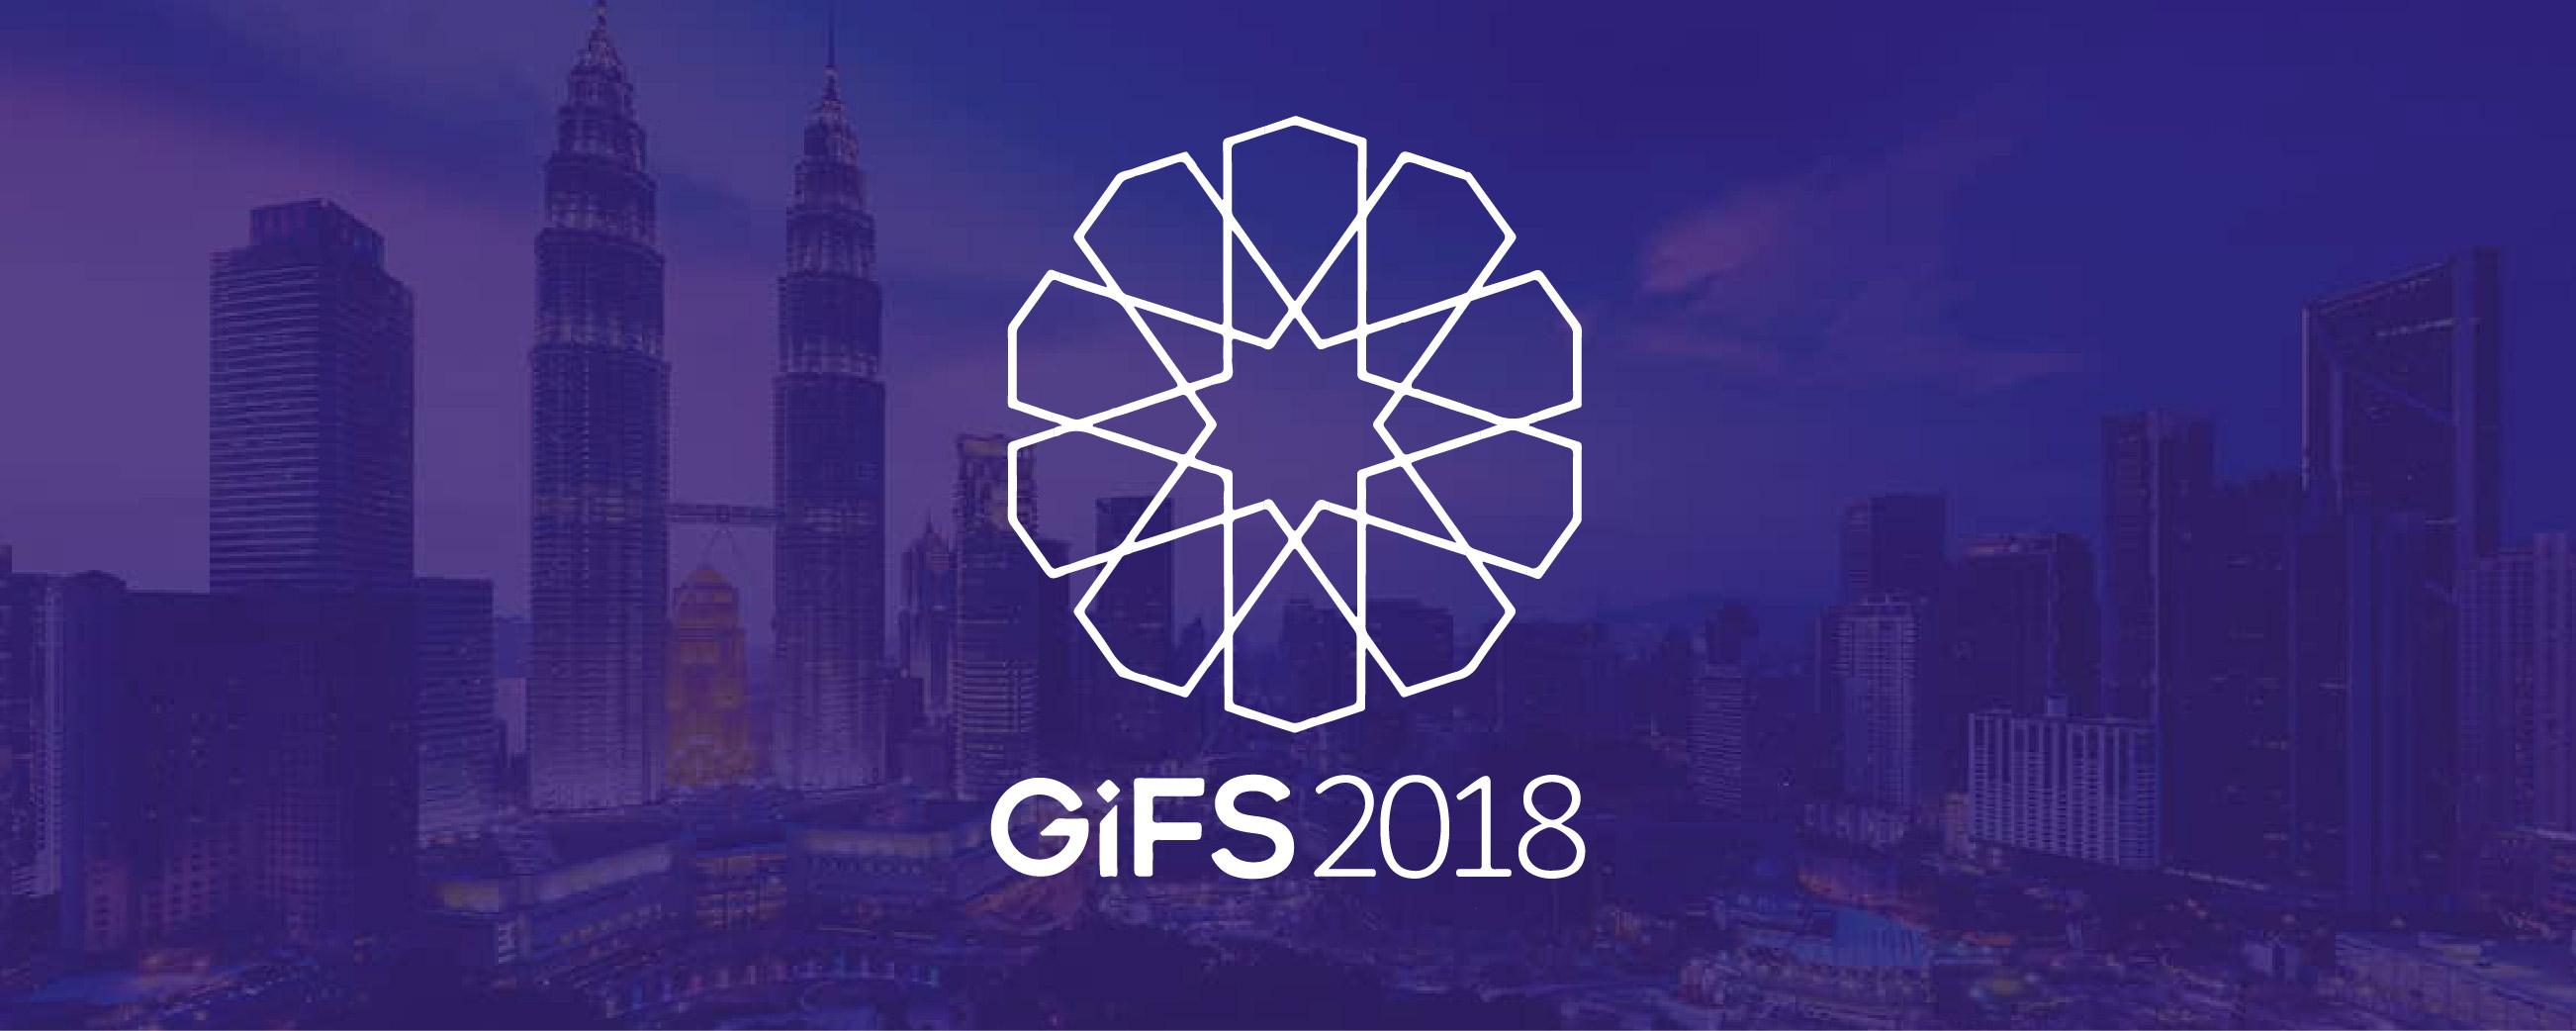 GiFS-01-1